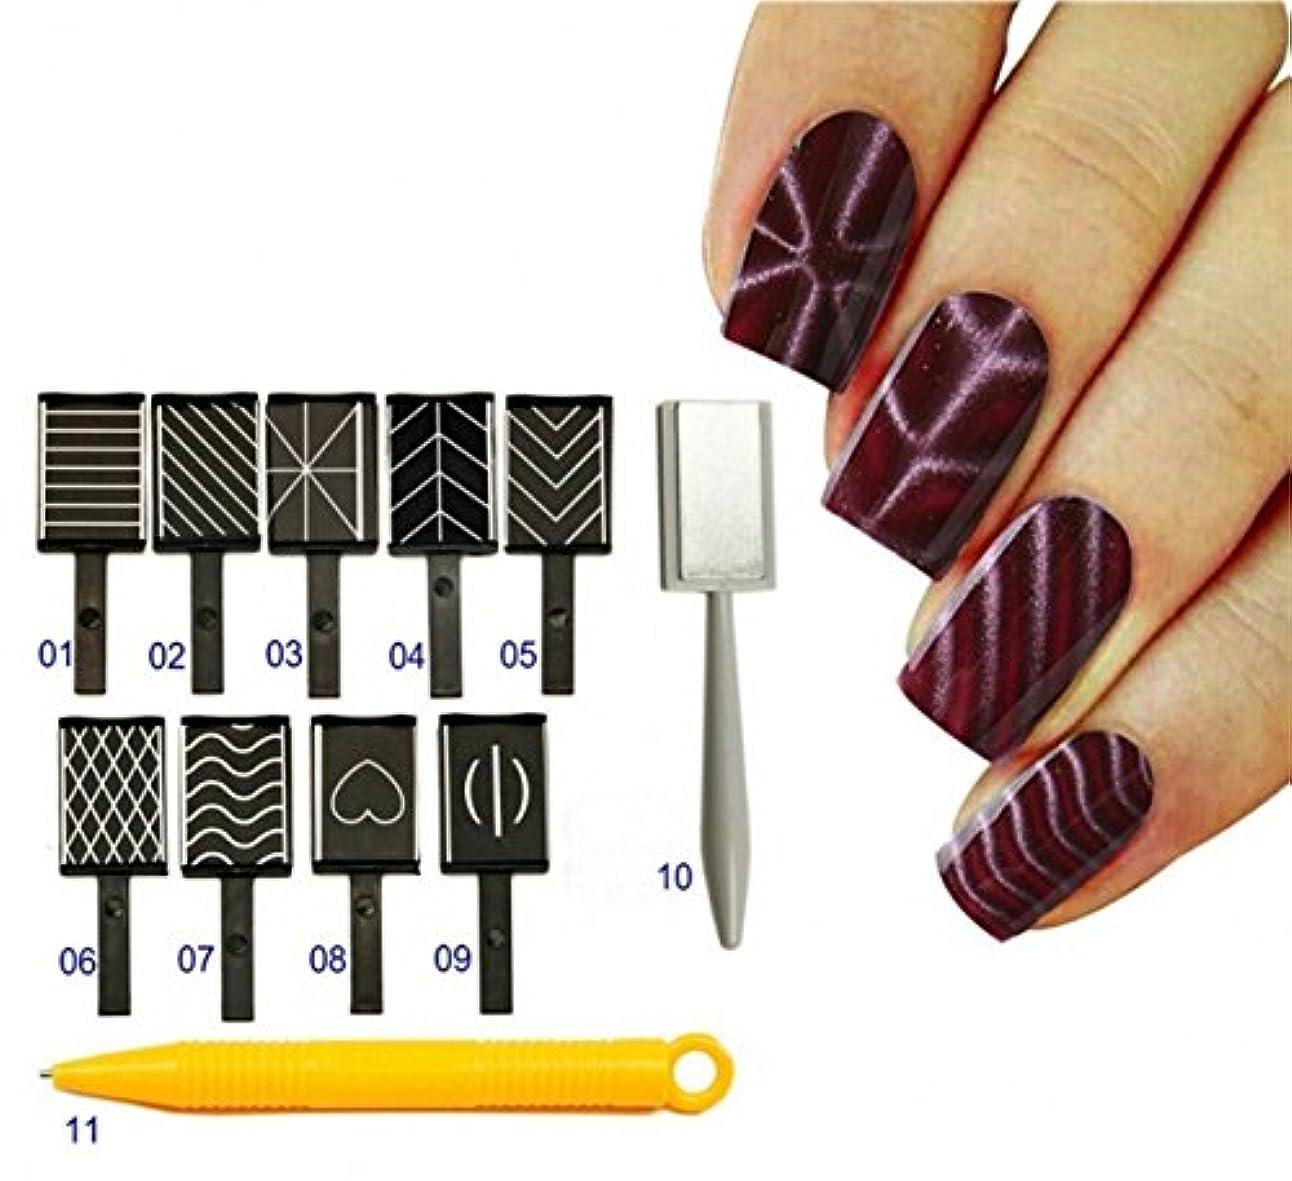 軽減するコールドライバCHENGYIDA 11 STLYE SETキャッツアイ3Dマグネットスティックマグネットを描く垂直スティック&マグネットペンUVネイルジェル用ポーランド語3D魔法のネイルツール